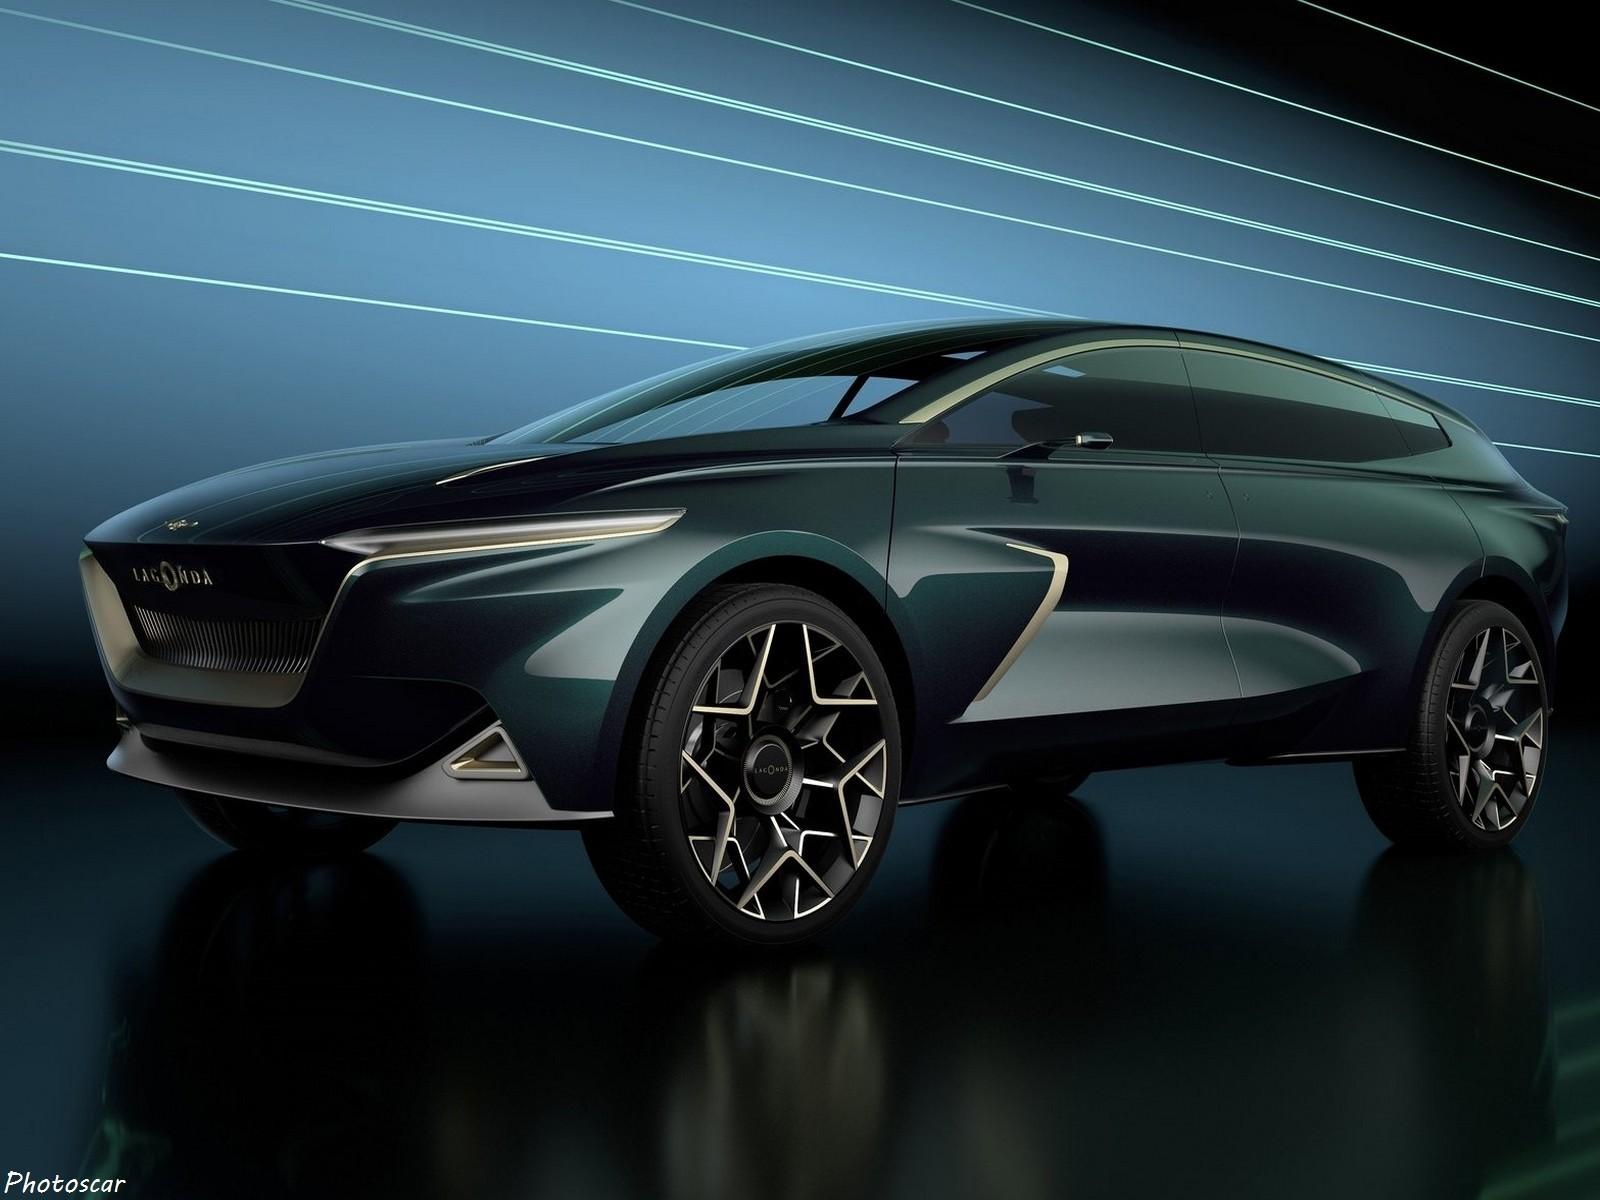 Aston Martin Lagonda All-Terrain Concept 2019